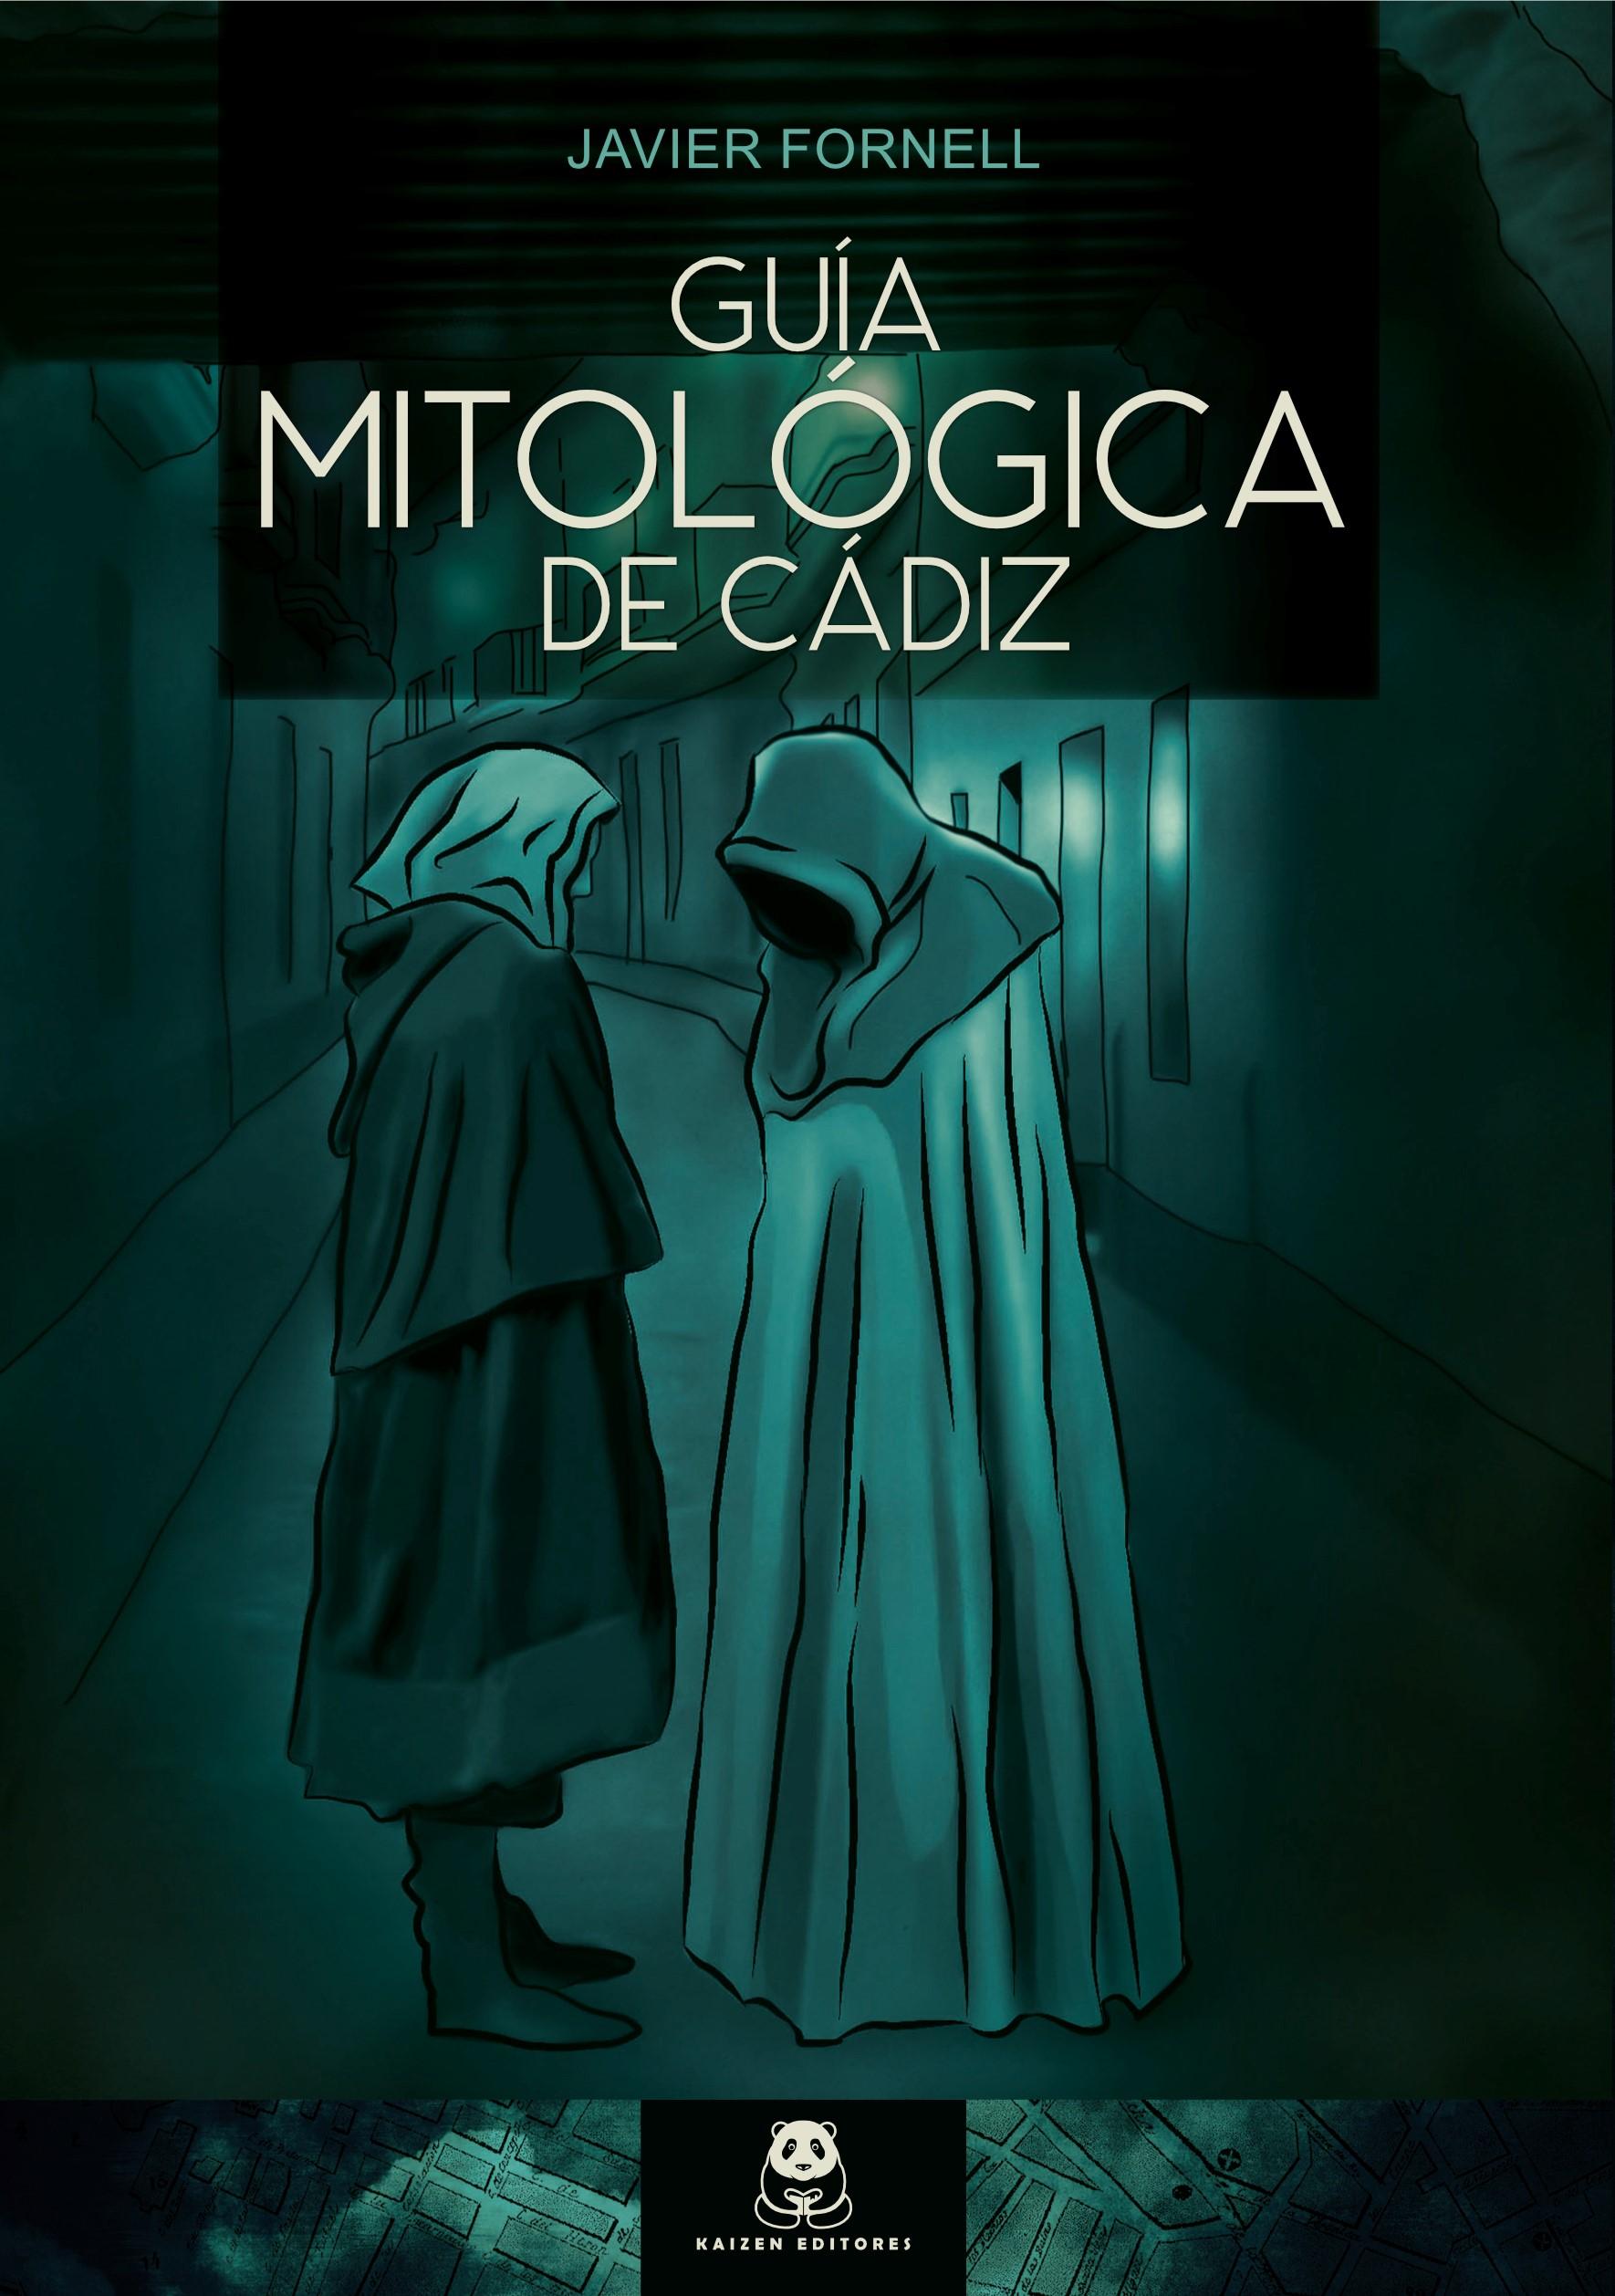 Guia mitologica de cadiz